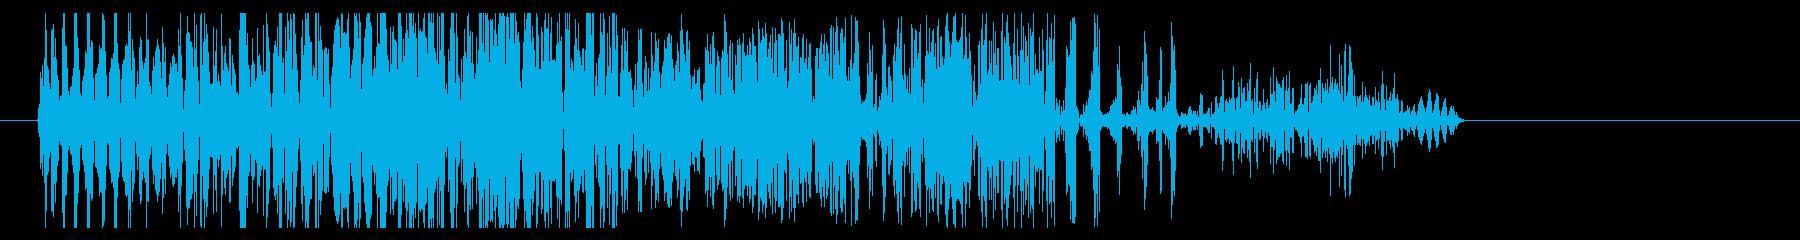 ブッシャ(時代劇向け斬撃音・中)の再生済みの波形